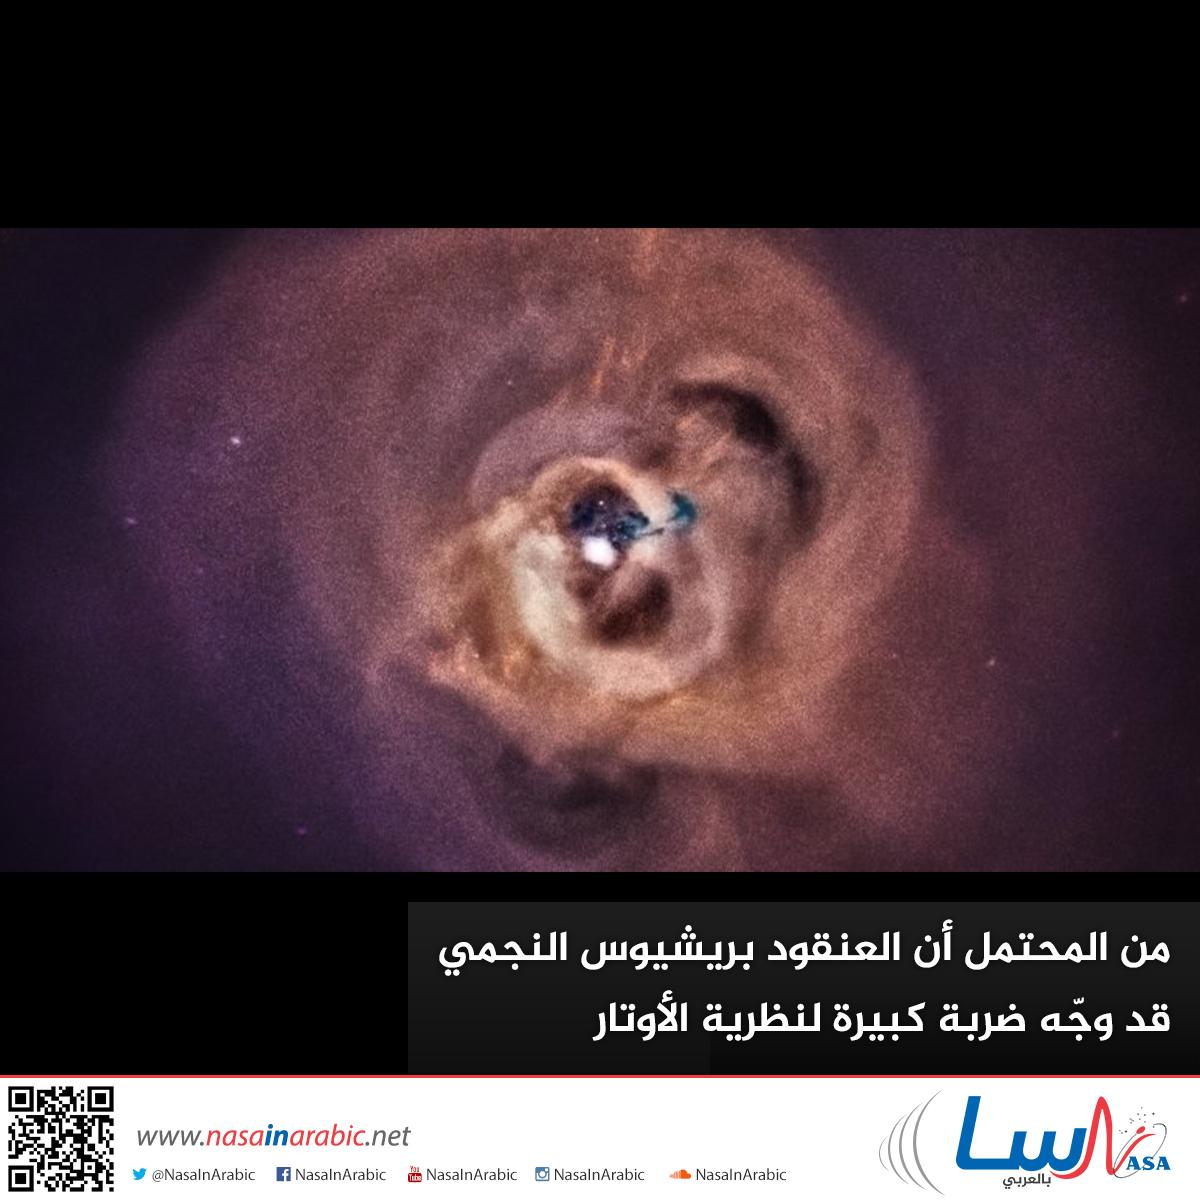 من المحتمل أن العنقود بريشيوس النجمي قد وجّه ضربة كبيرة لنظرية الأوتار